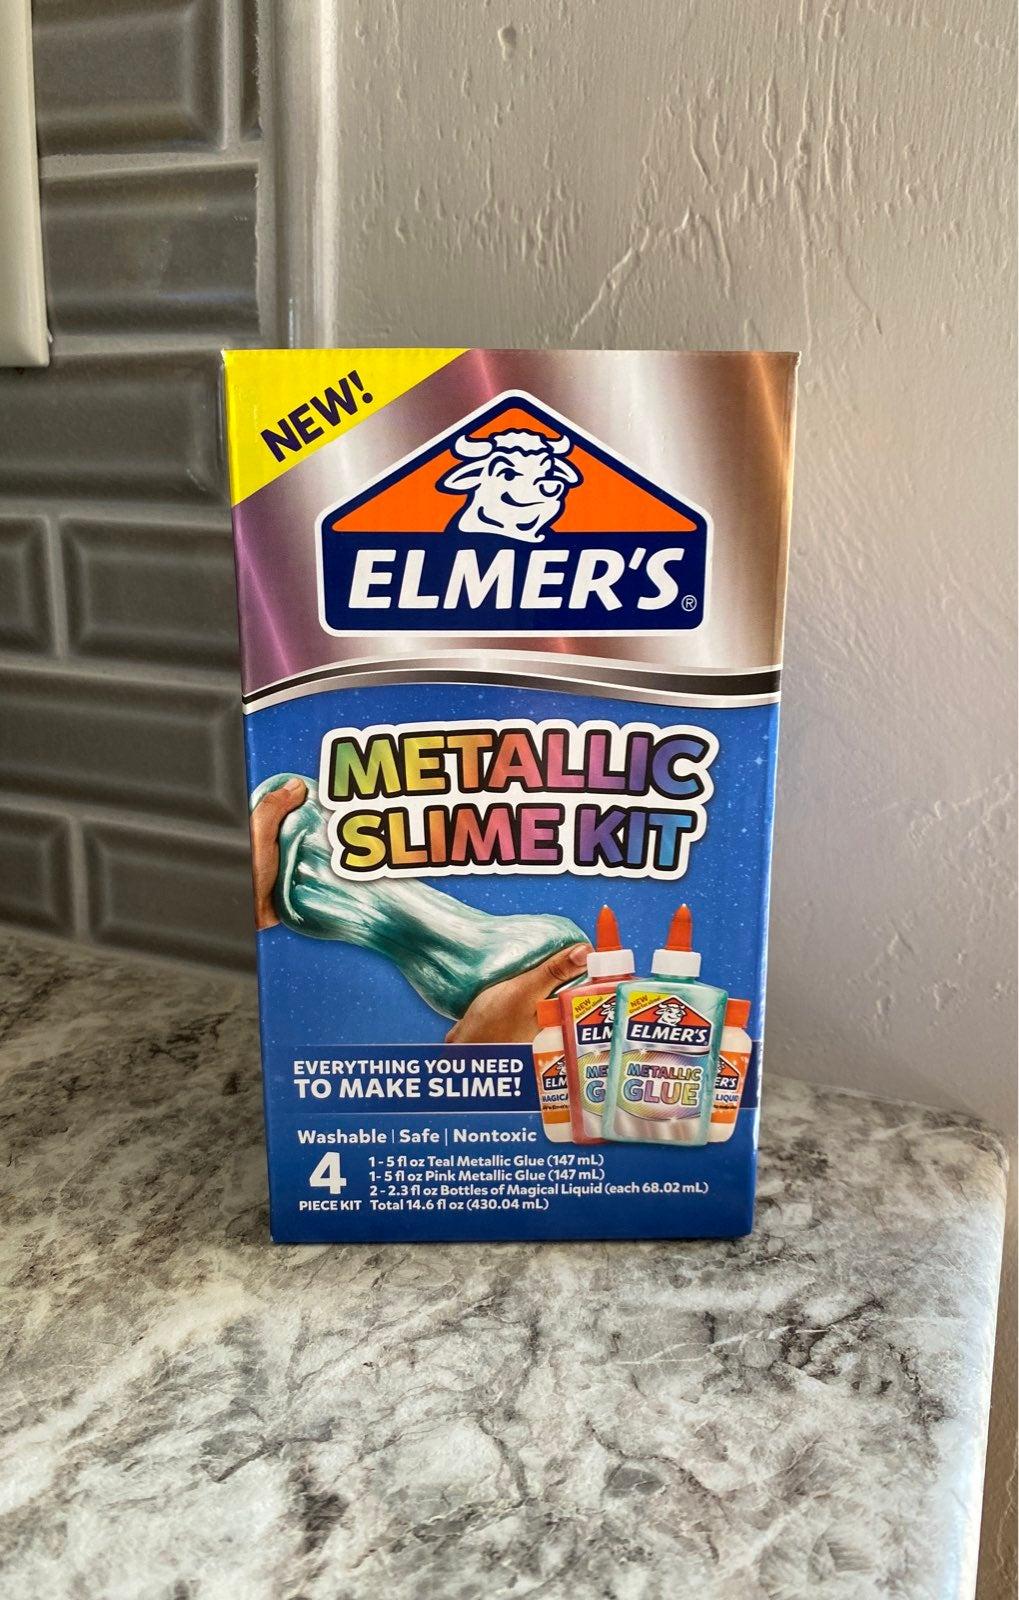 Elmer's Metallic Slime Kit